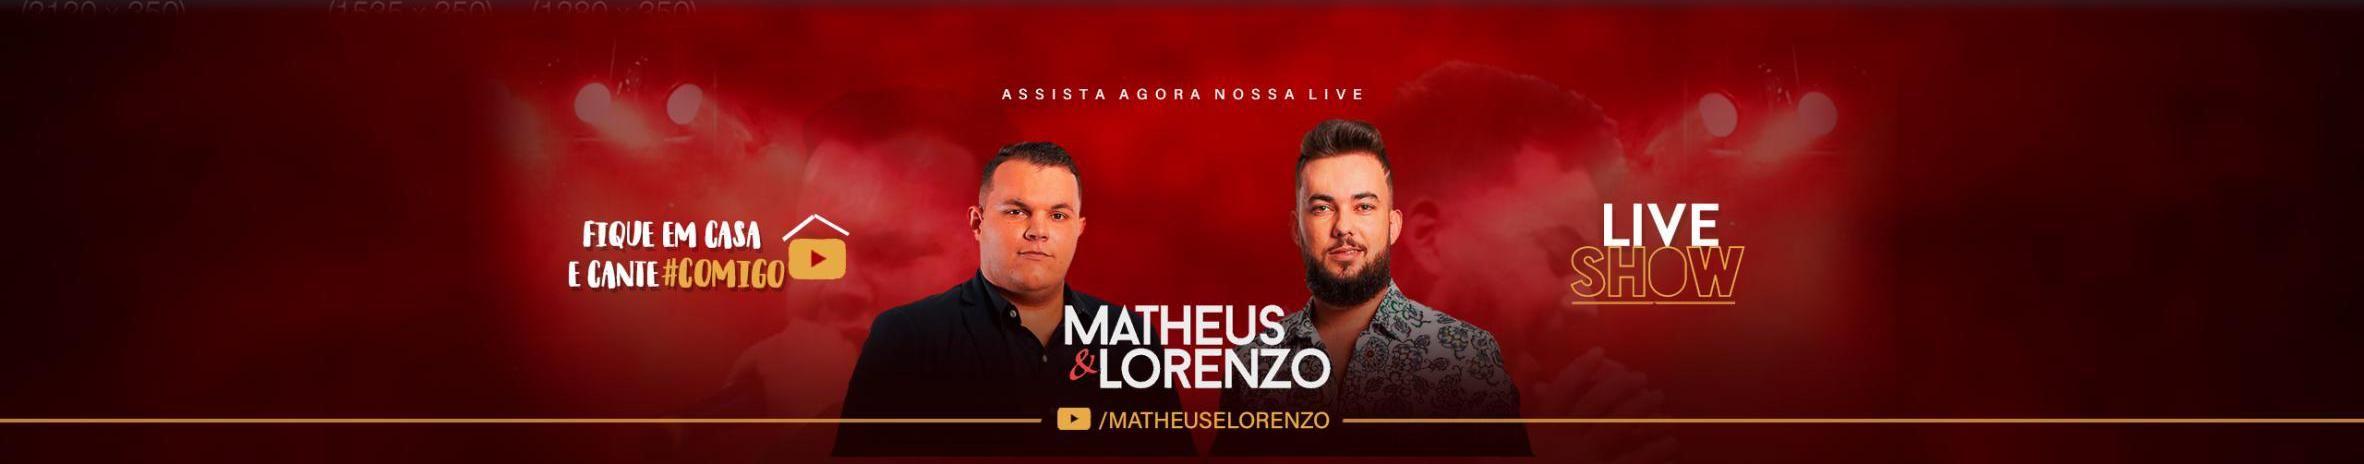 Imagem de capa de MATHEUS E LORENZO